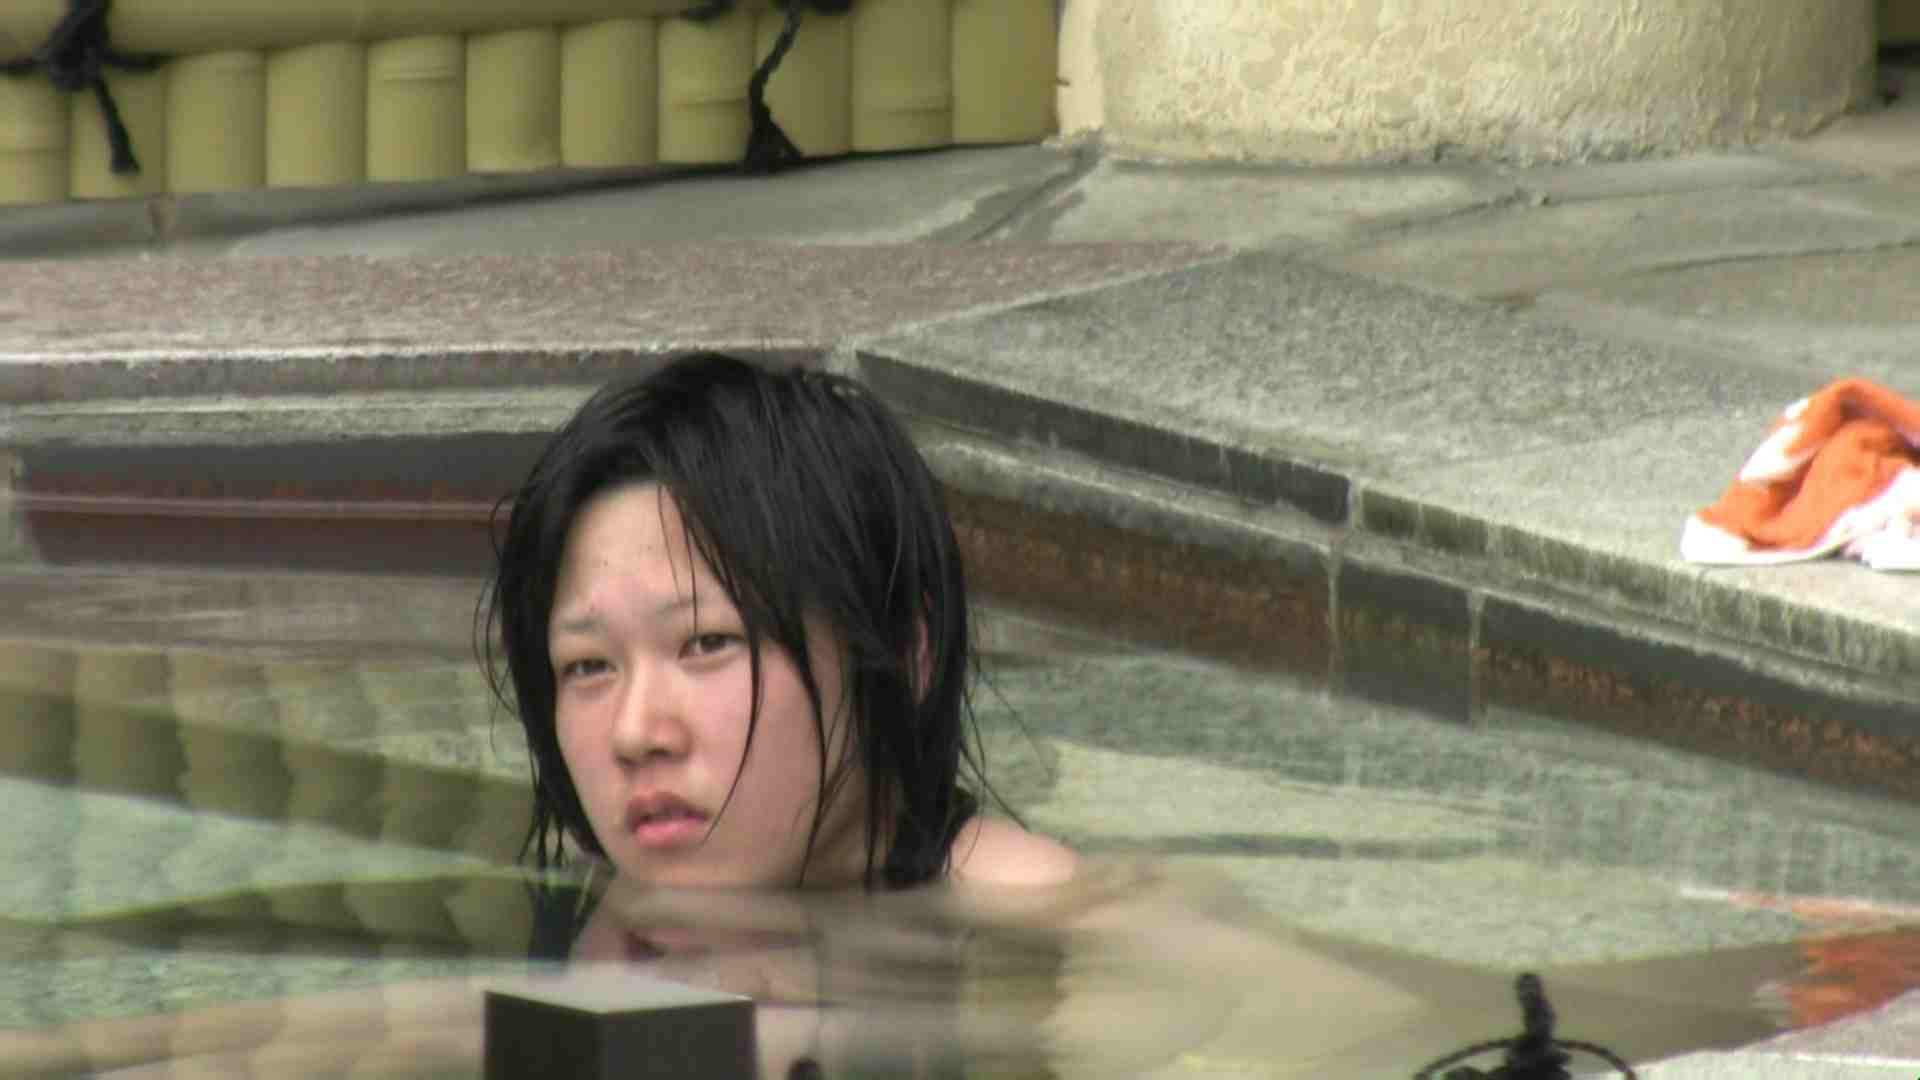 Aquaな露天風呂Vol.36 盗撮シリーズ  99PIX 64